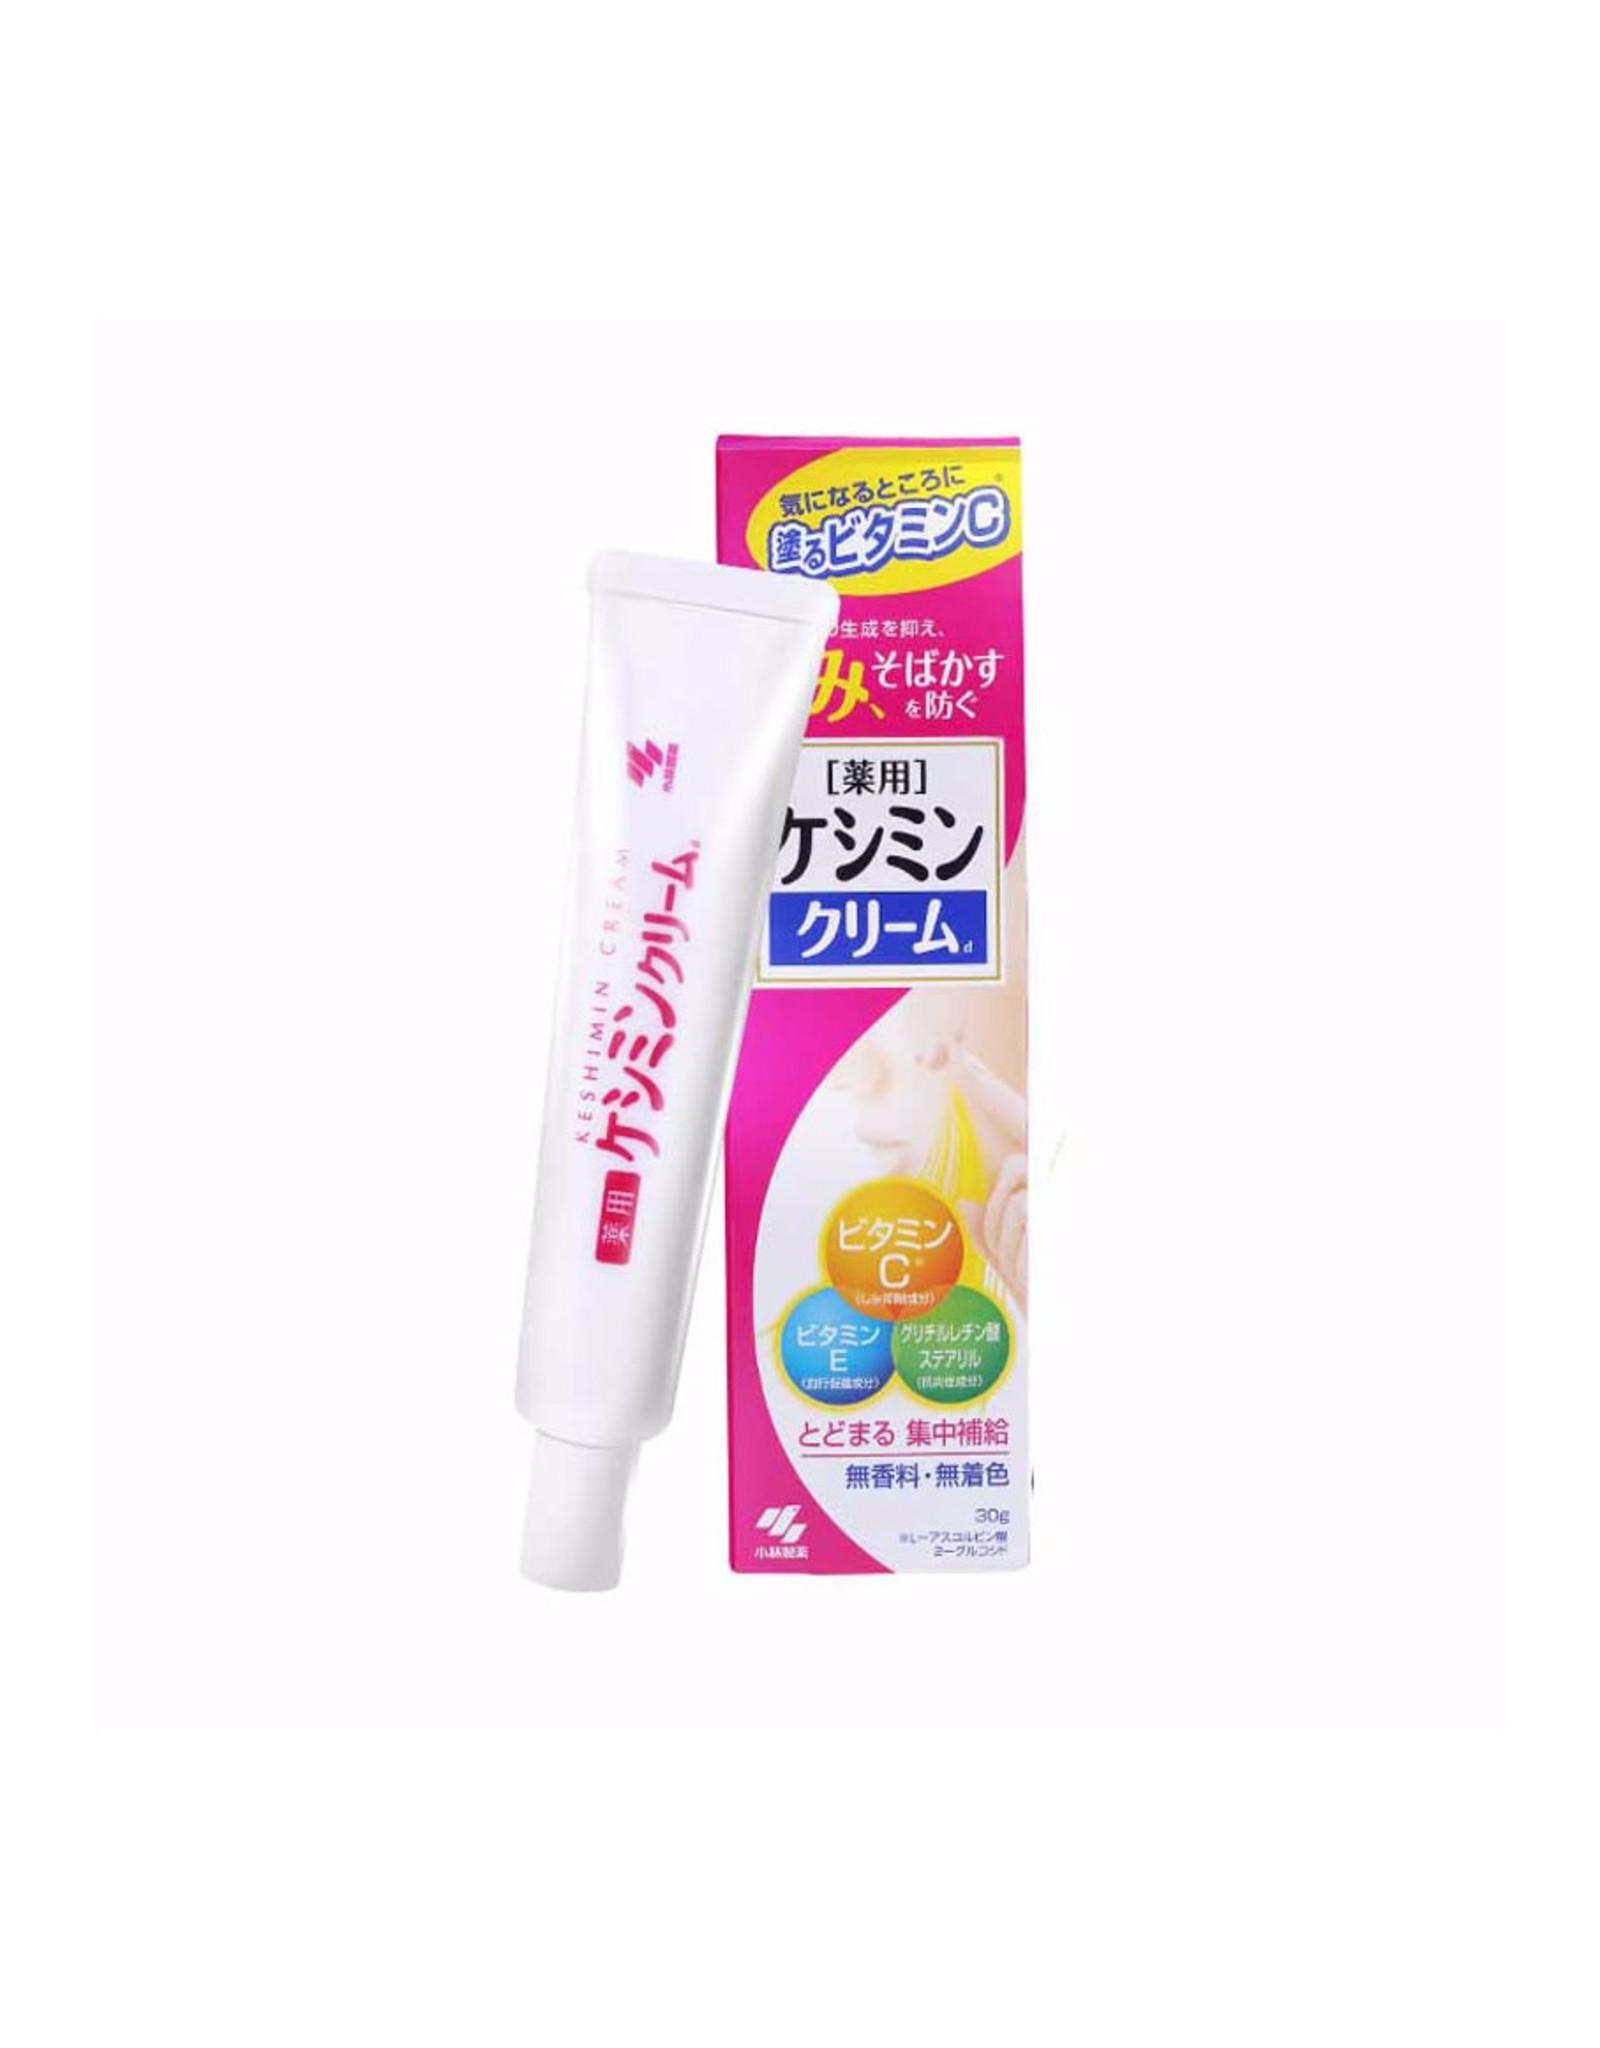 Kobayashi Kobayashi Spots and Freckles Prevent Whitening Cream 30g